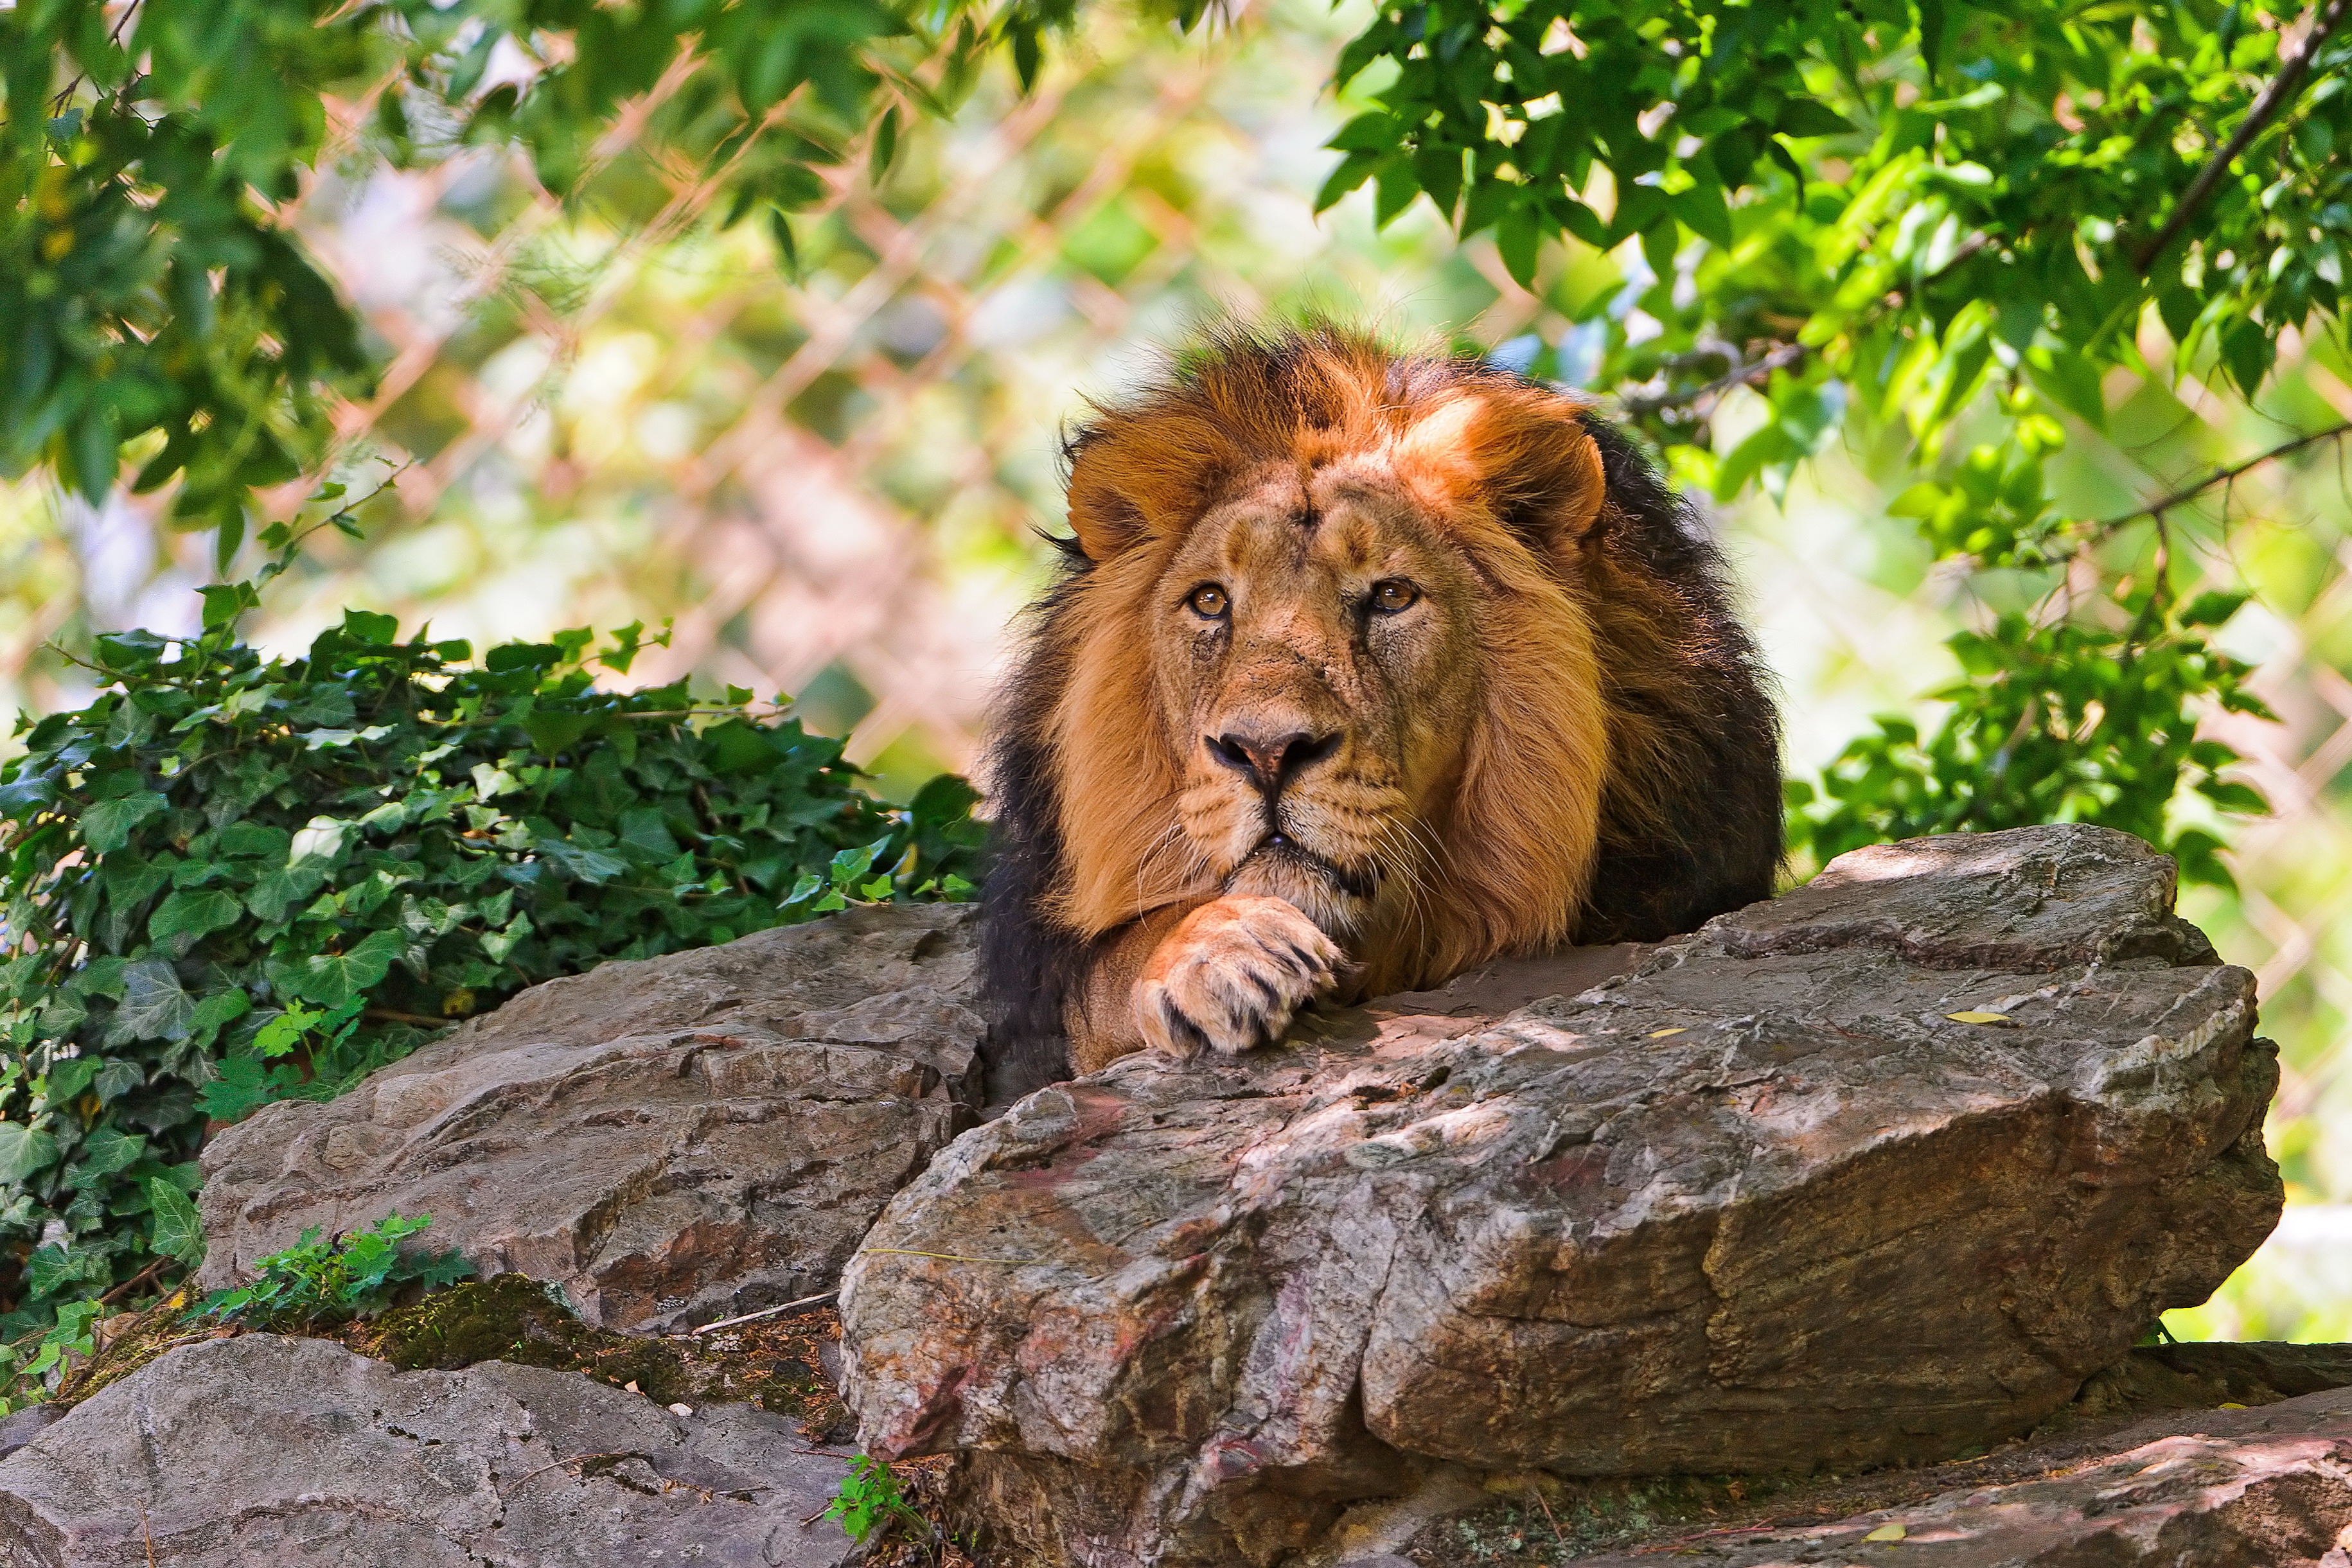 75008 Protetores de tela e papéis de parede Rei Das Feras em seu telefone. Baixe Animais, Pedras, Leão, Deitar-Se, Mentir, Focinho, Um Leão, Predator, Predador, Gato Grande, Rei Das Feras, Rei Das Bestas fotos gratuitamente